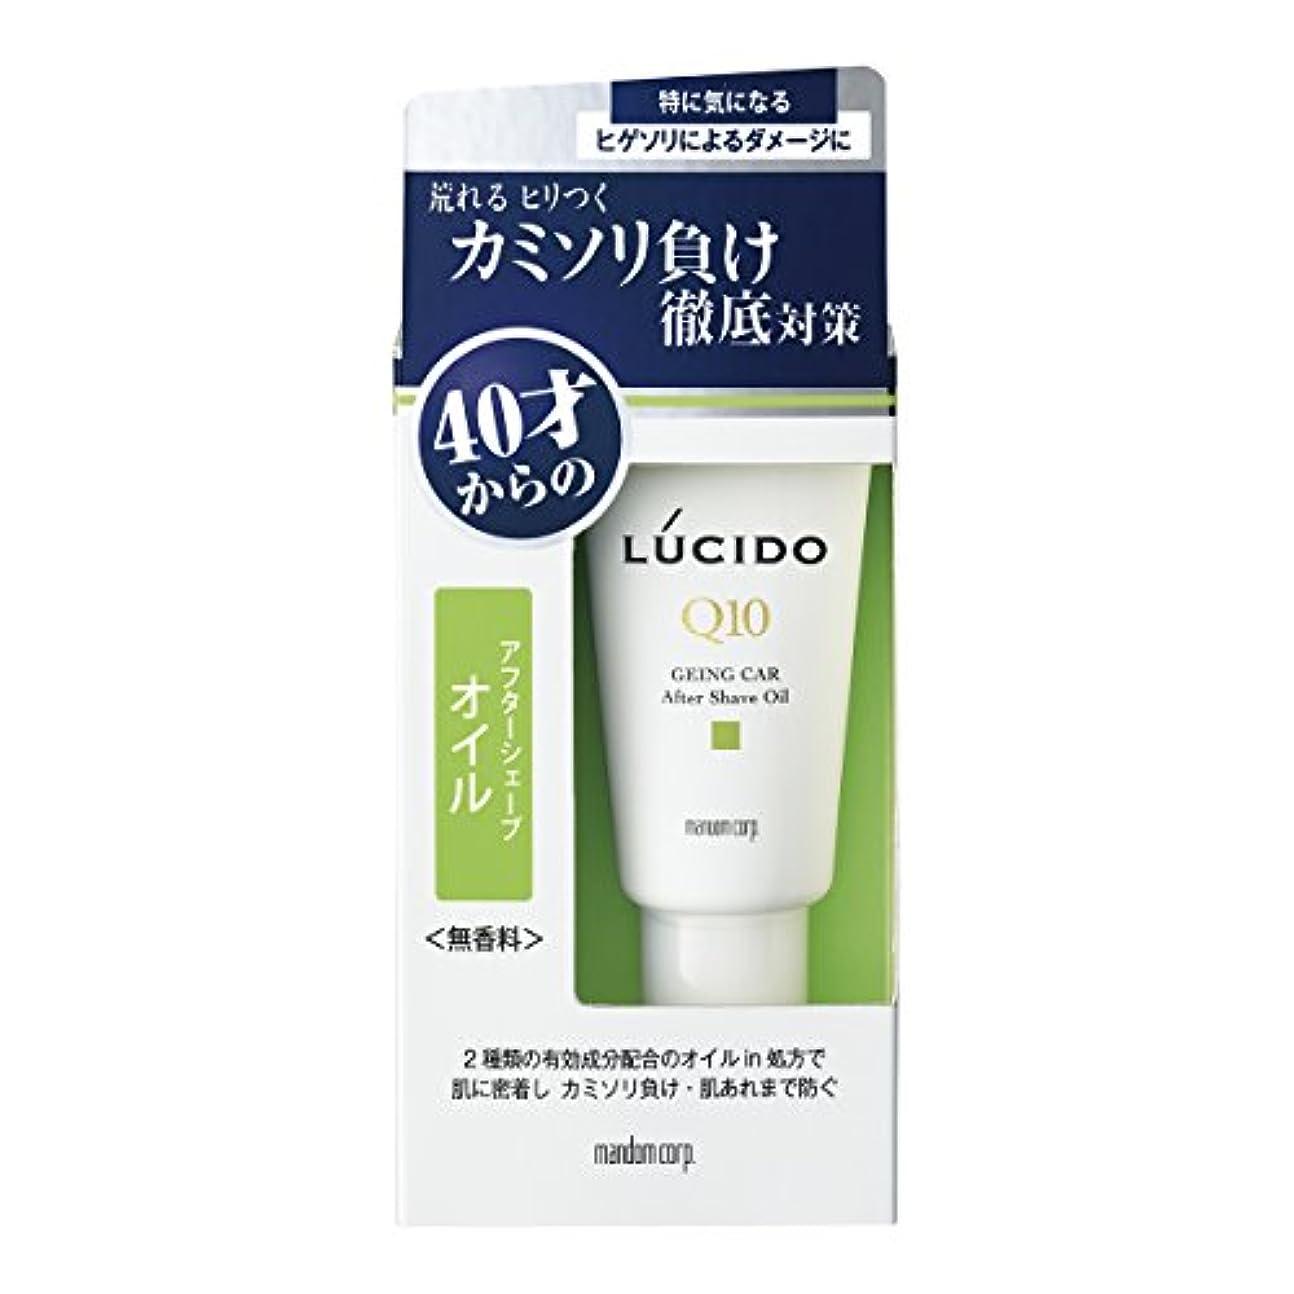 エキゾチック僕のかどうかルシード 薬用 アフターシェーブオイル (医薬部外品)30g